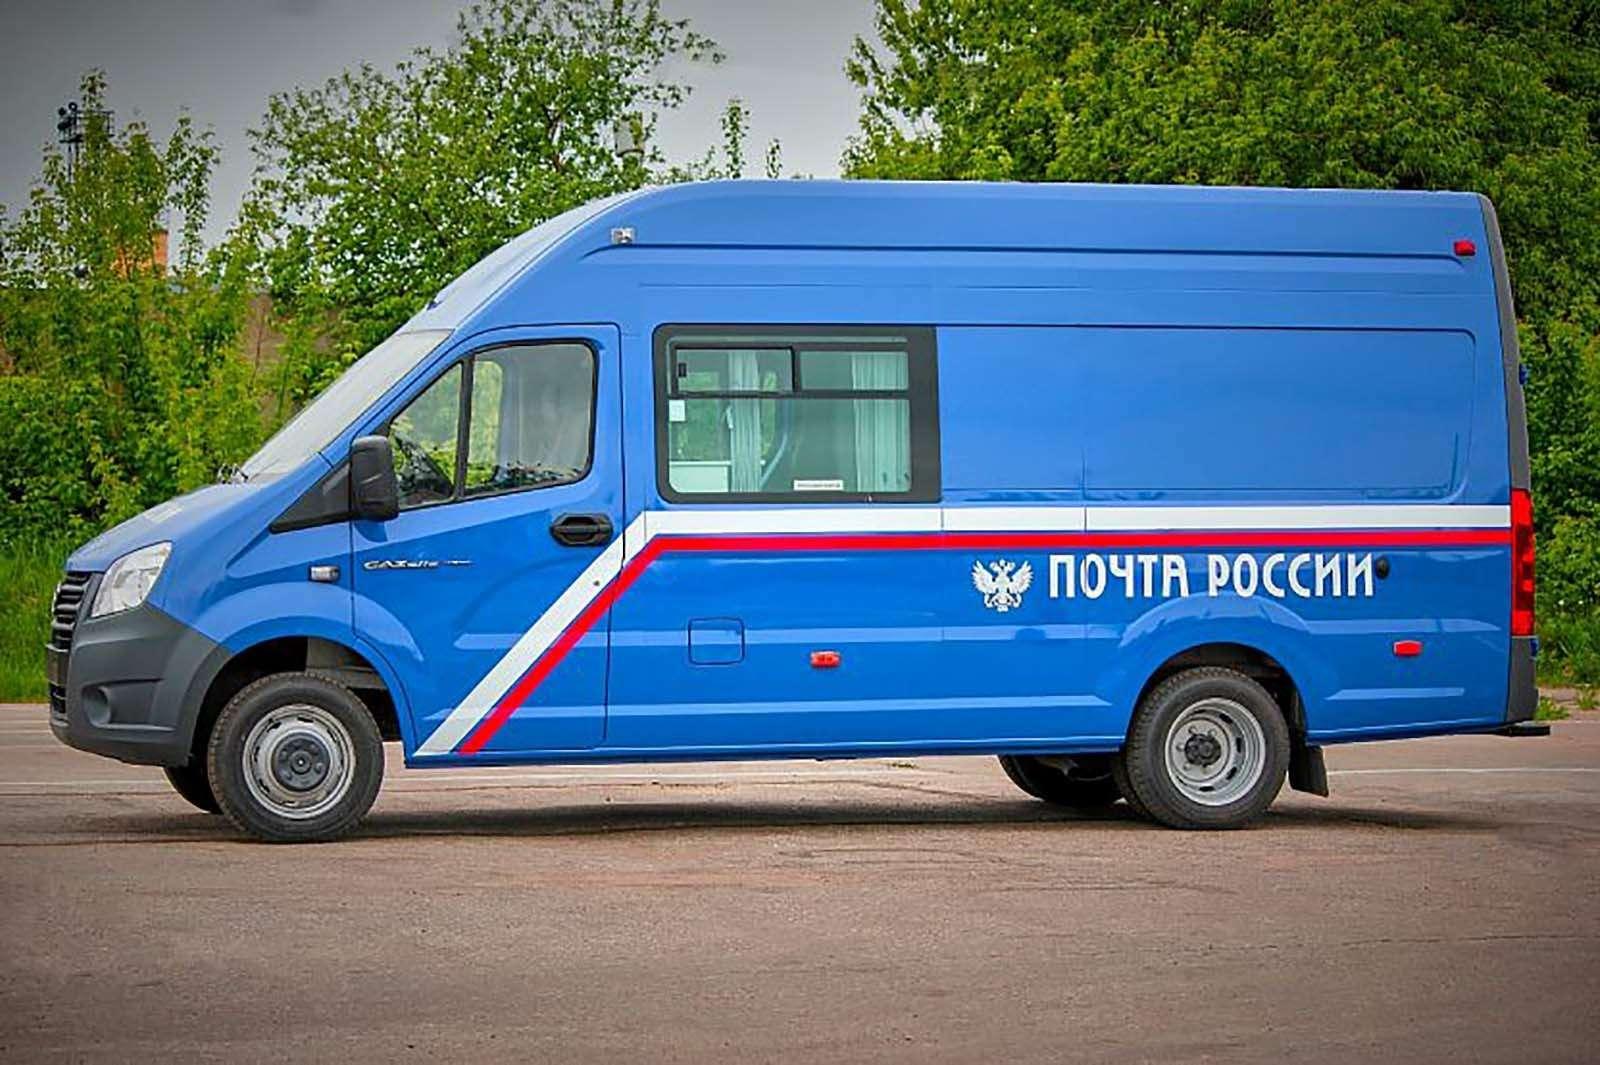 Очень быстрая «Почта России»: лучших водителей определят натреке